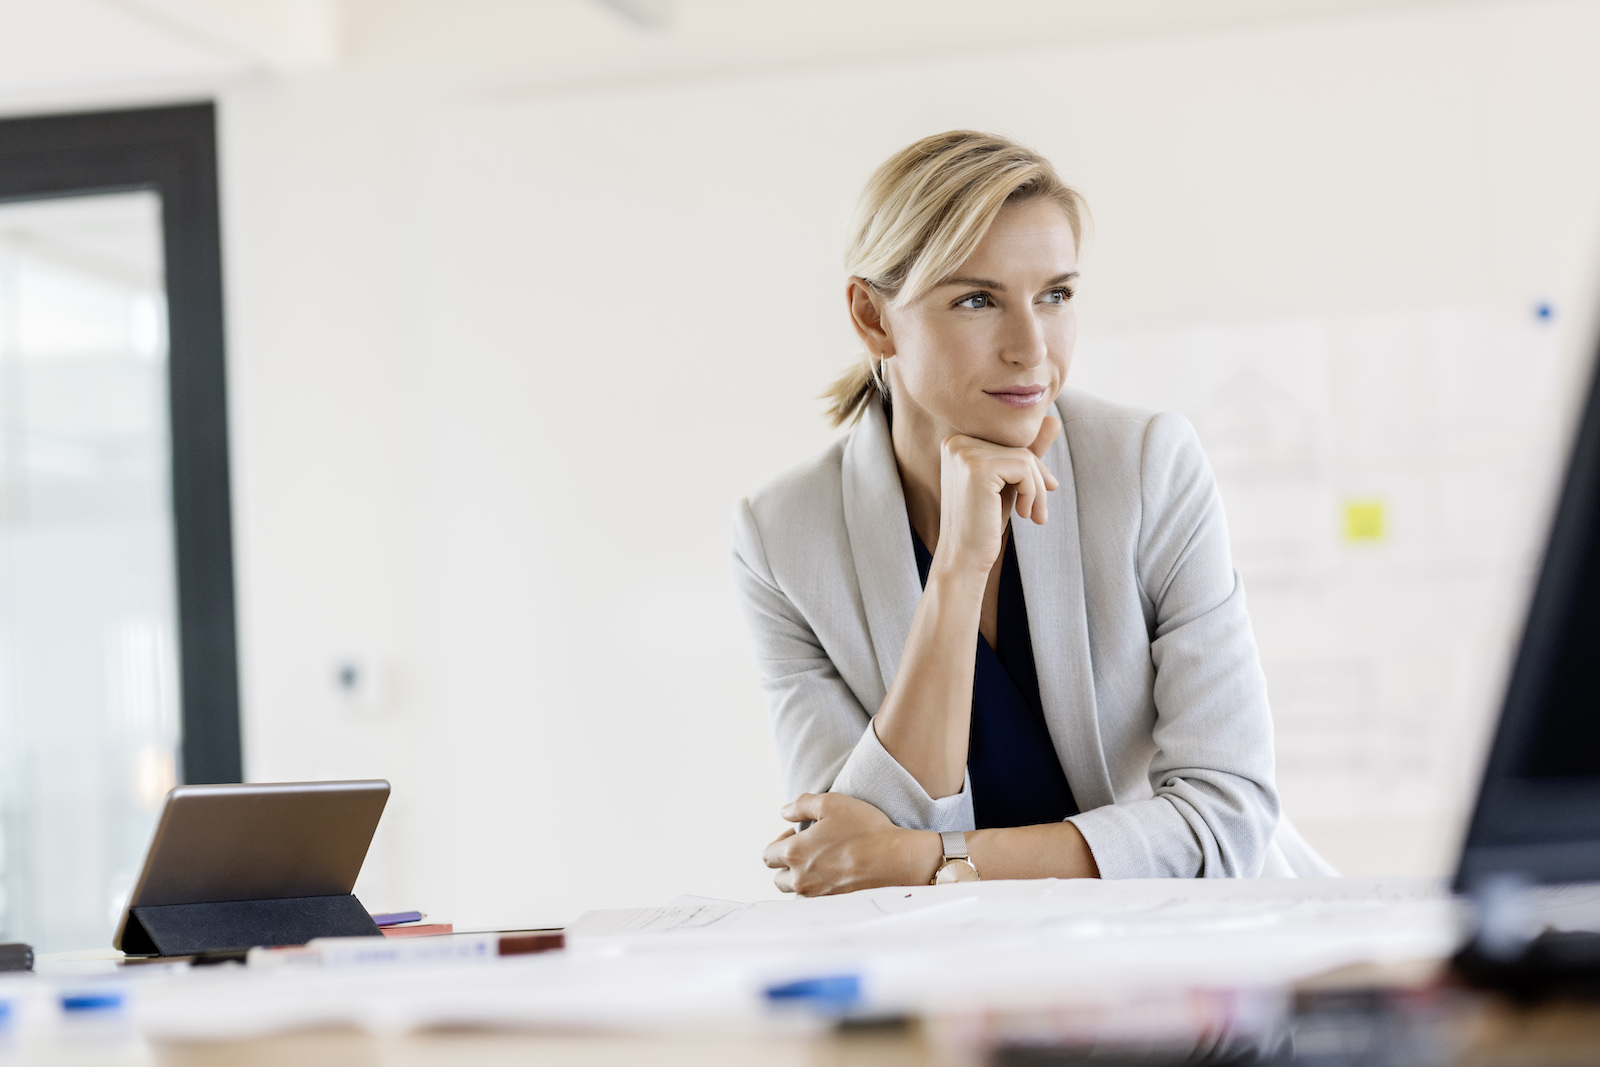 weibliche Führungskraft in grossem Büro, mit Devices am Tisch